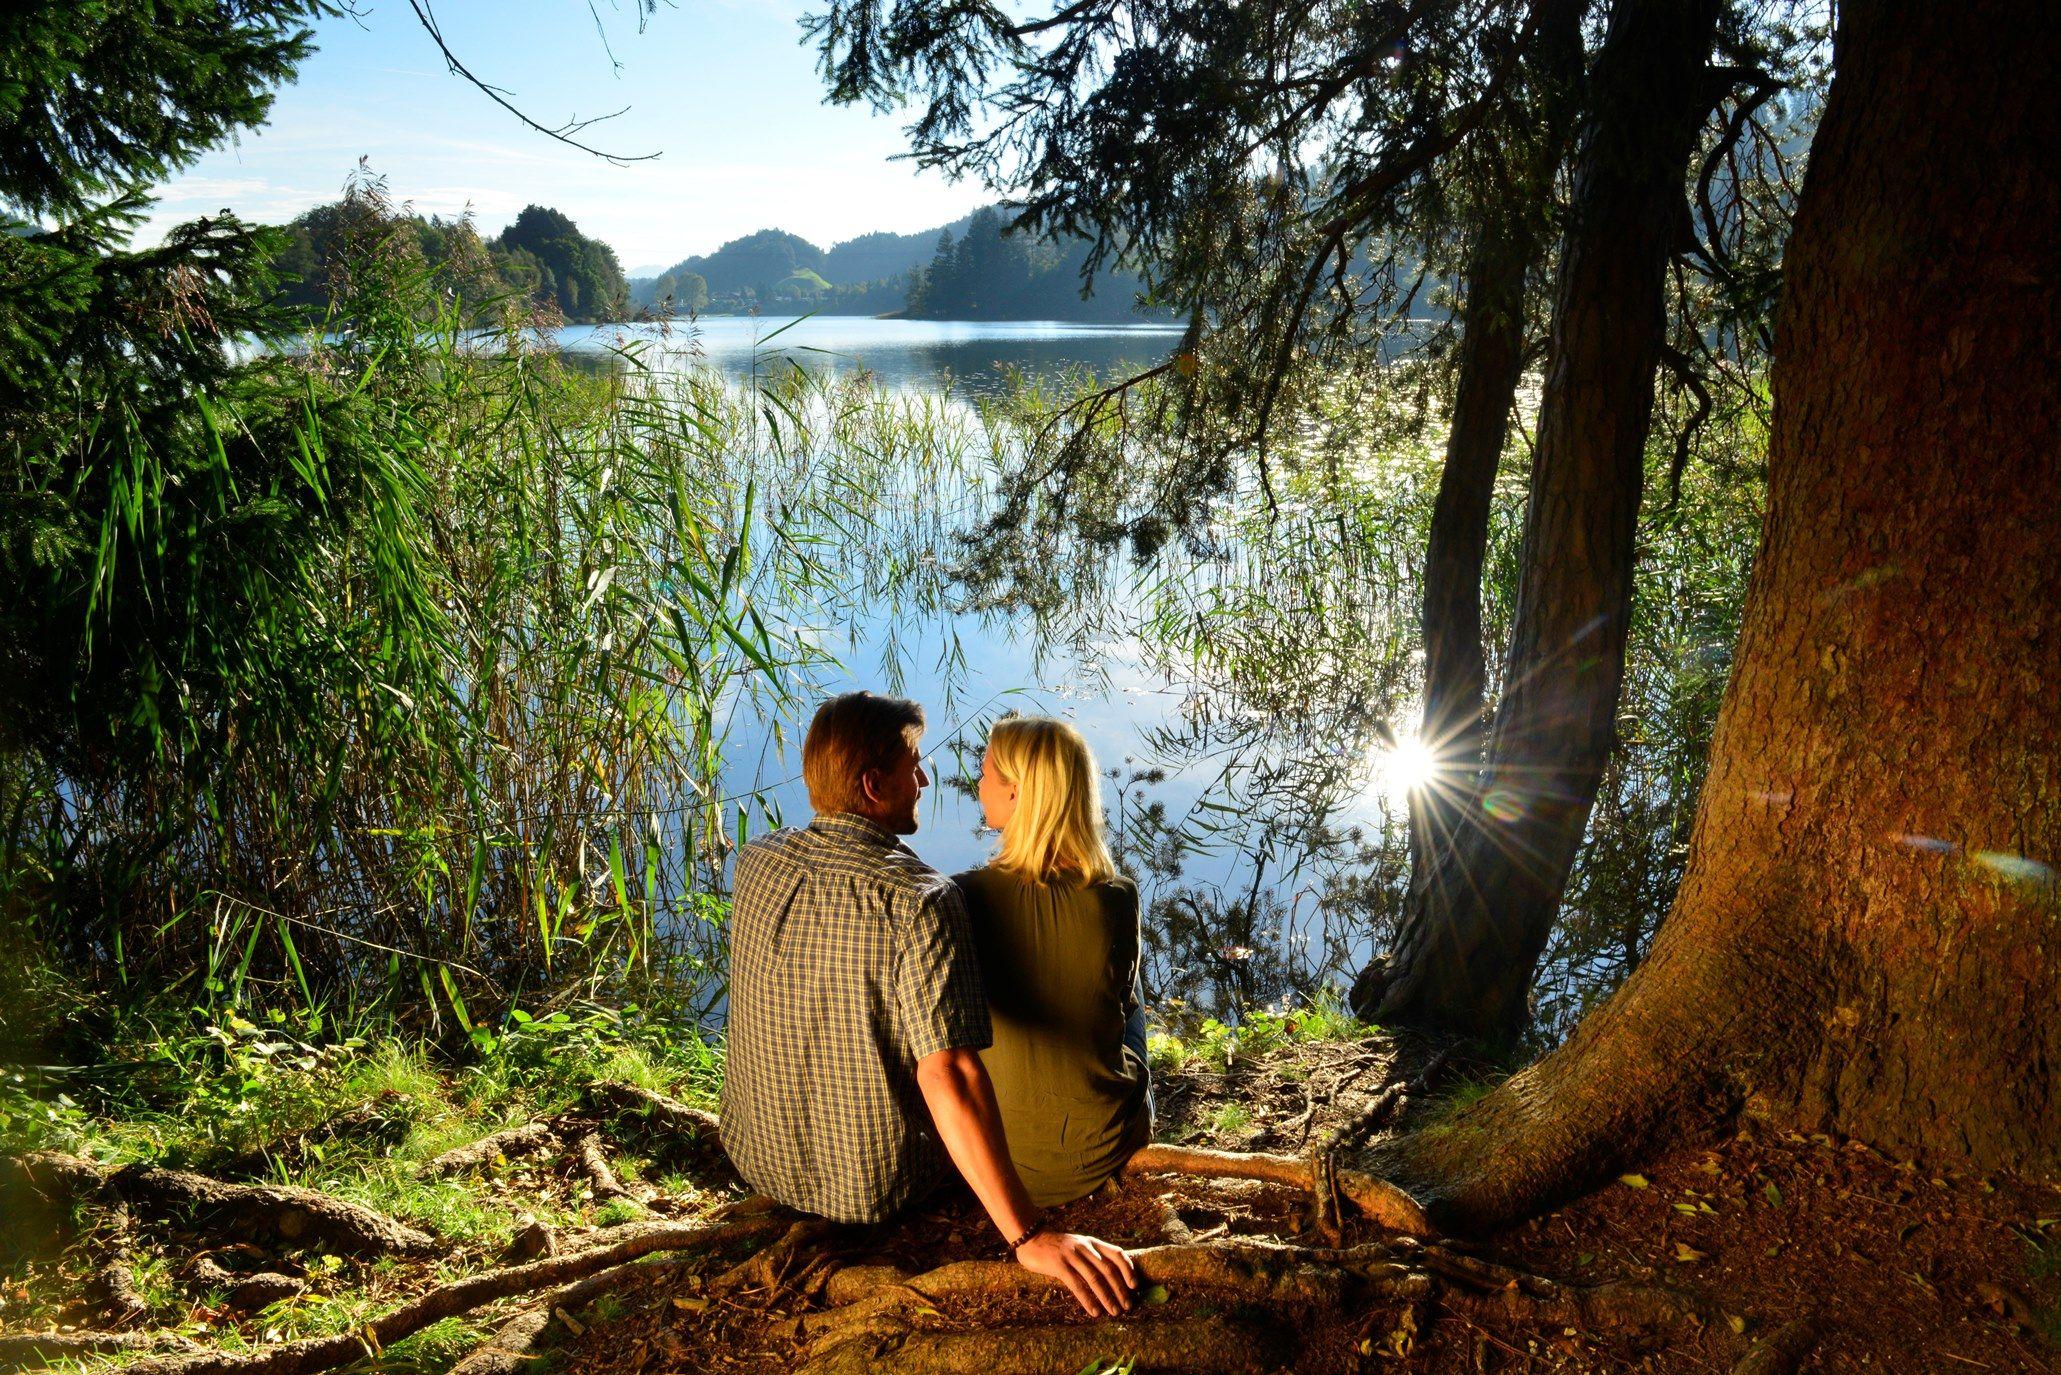 Le lac Reintalersee dans la région Alpbachtal Seenland © Alpbachtal Seenland Tourismus